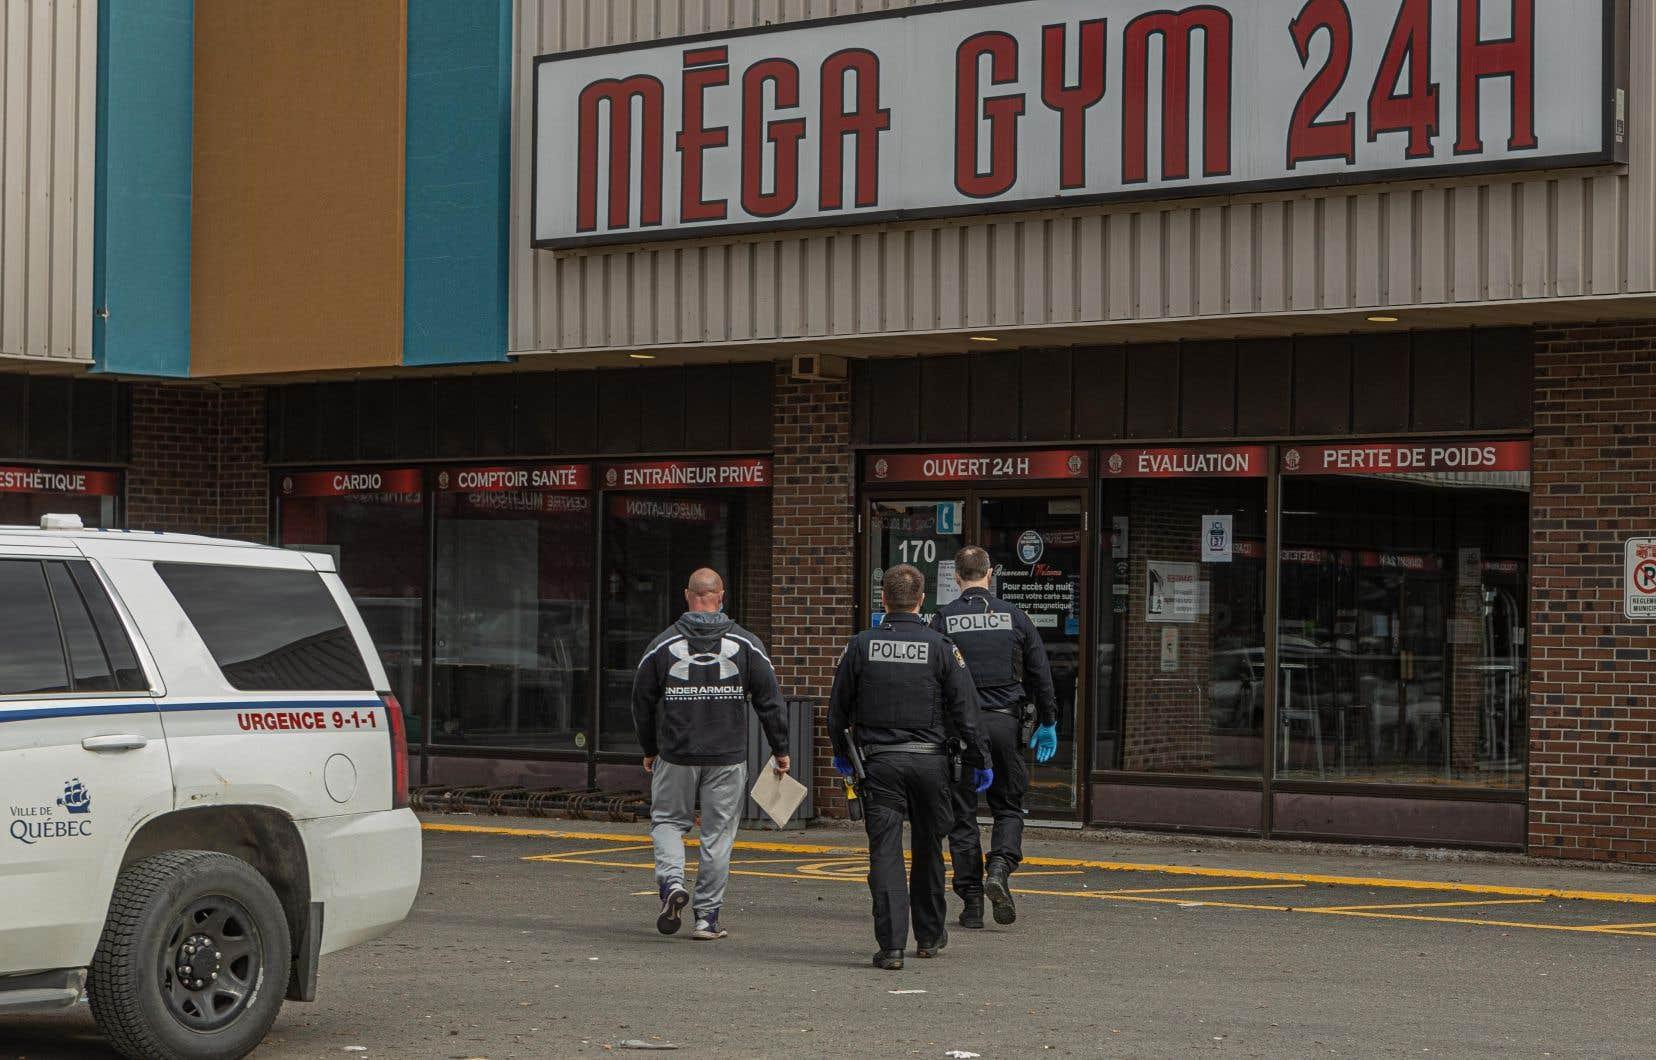 Le Méga-Fitness Gym de Québec a été fermé mercredi dernier par les autorités après avoir observé de graves manquements aux mesures sanitaires.